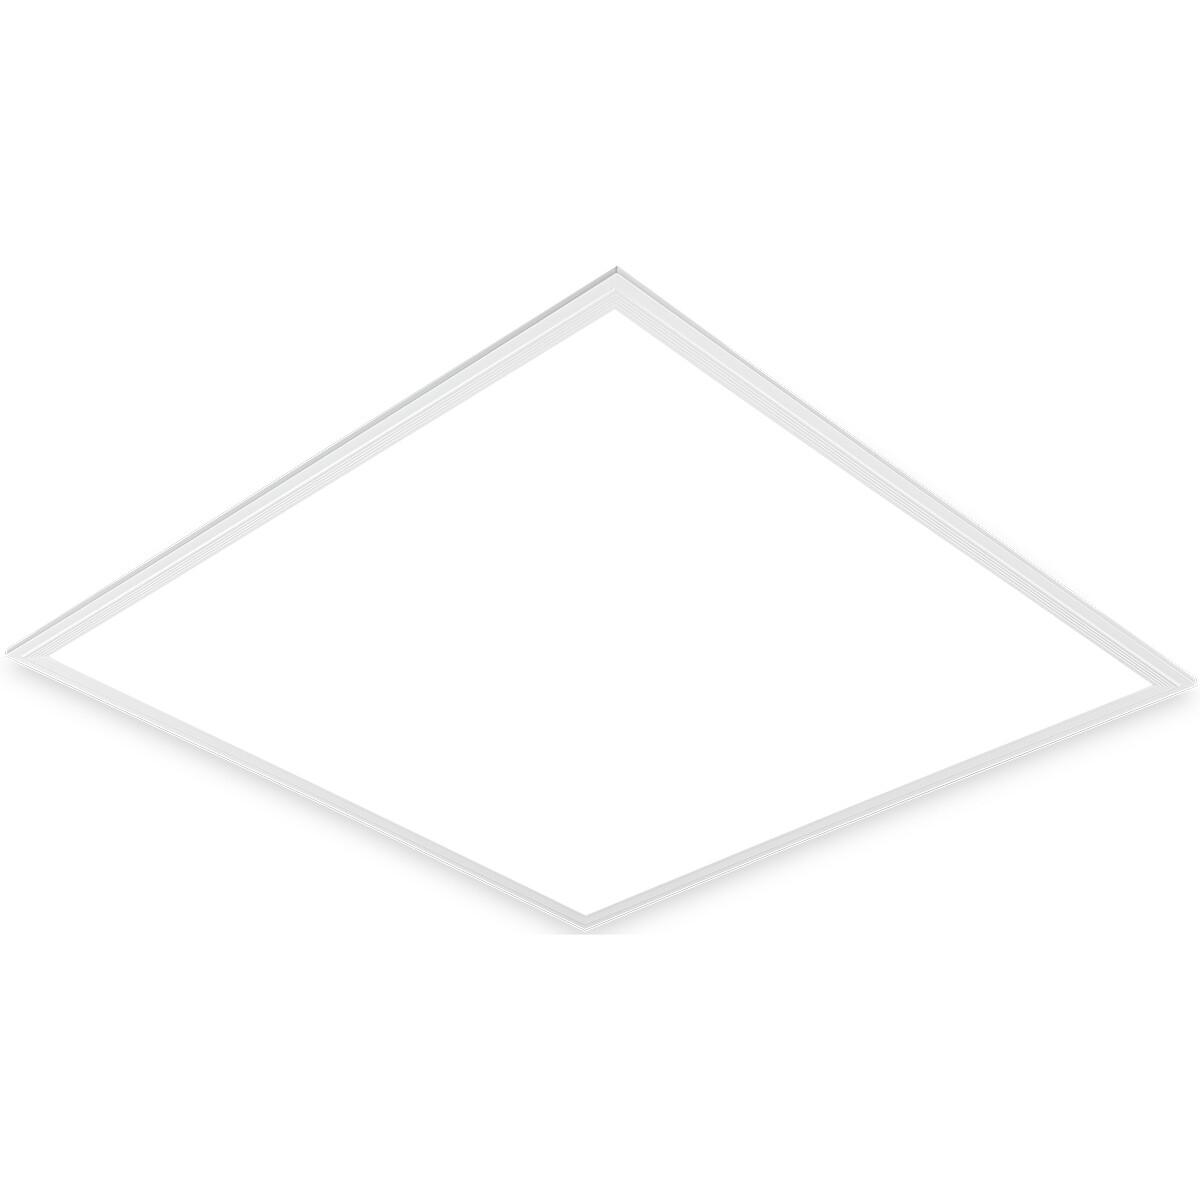 LED Paneel - Aigi Clena - Dimbaar - 60x60 Helder/Koud Wit 6000K - 40W Inbouw Vierkant - Mat Wit - Flikkervrij